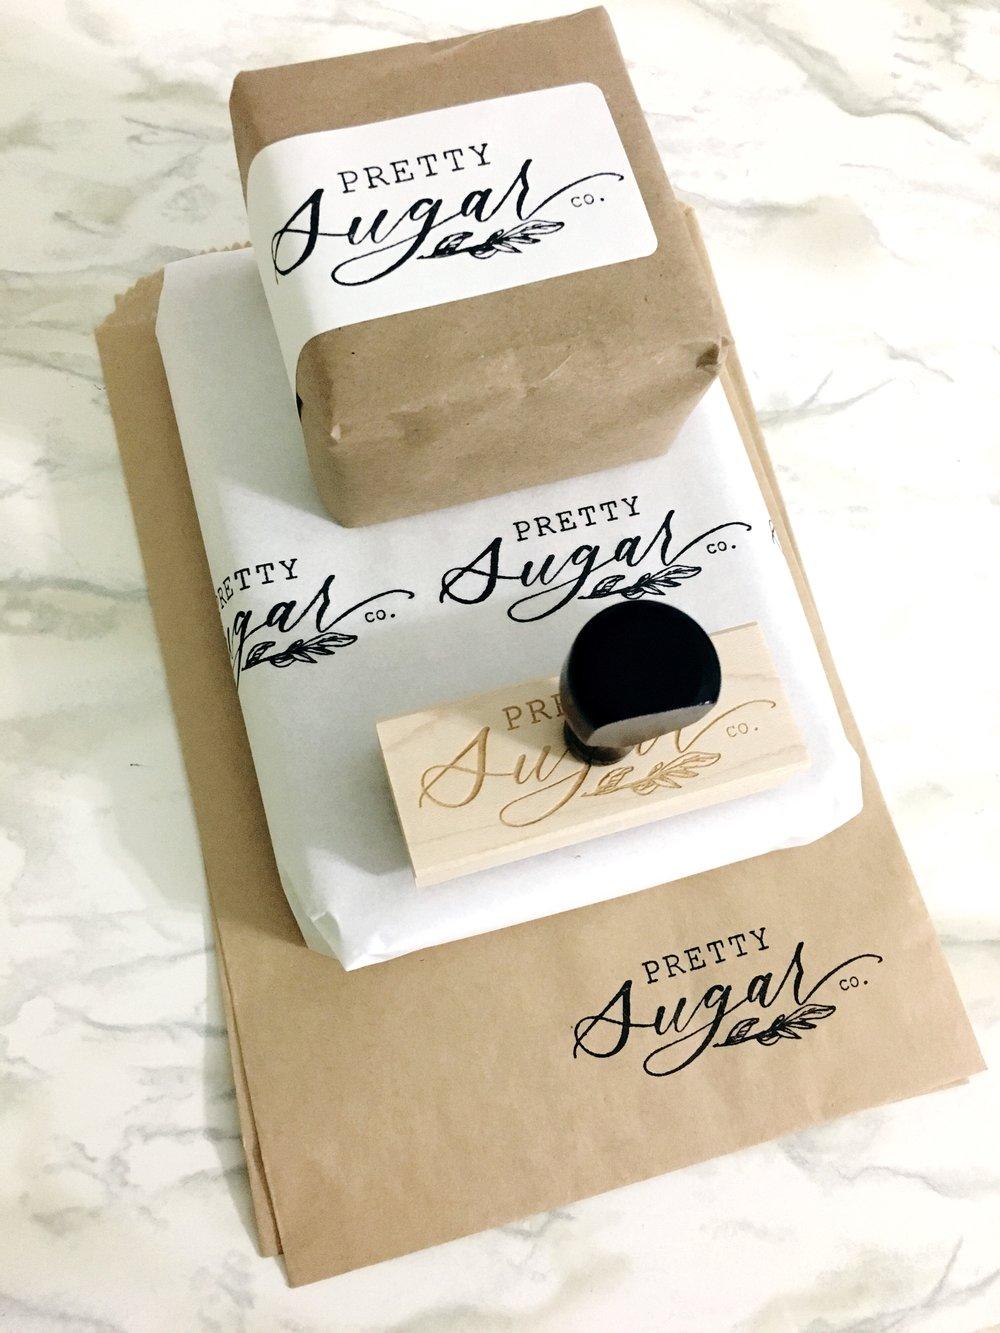 Creatiate Stamps Packaging Ideas - The Creatiate DIY Blog _0502.jpg